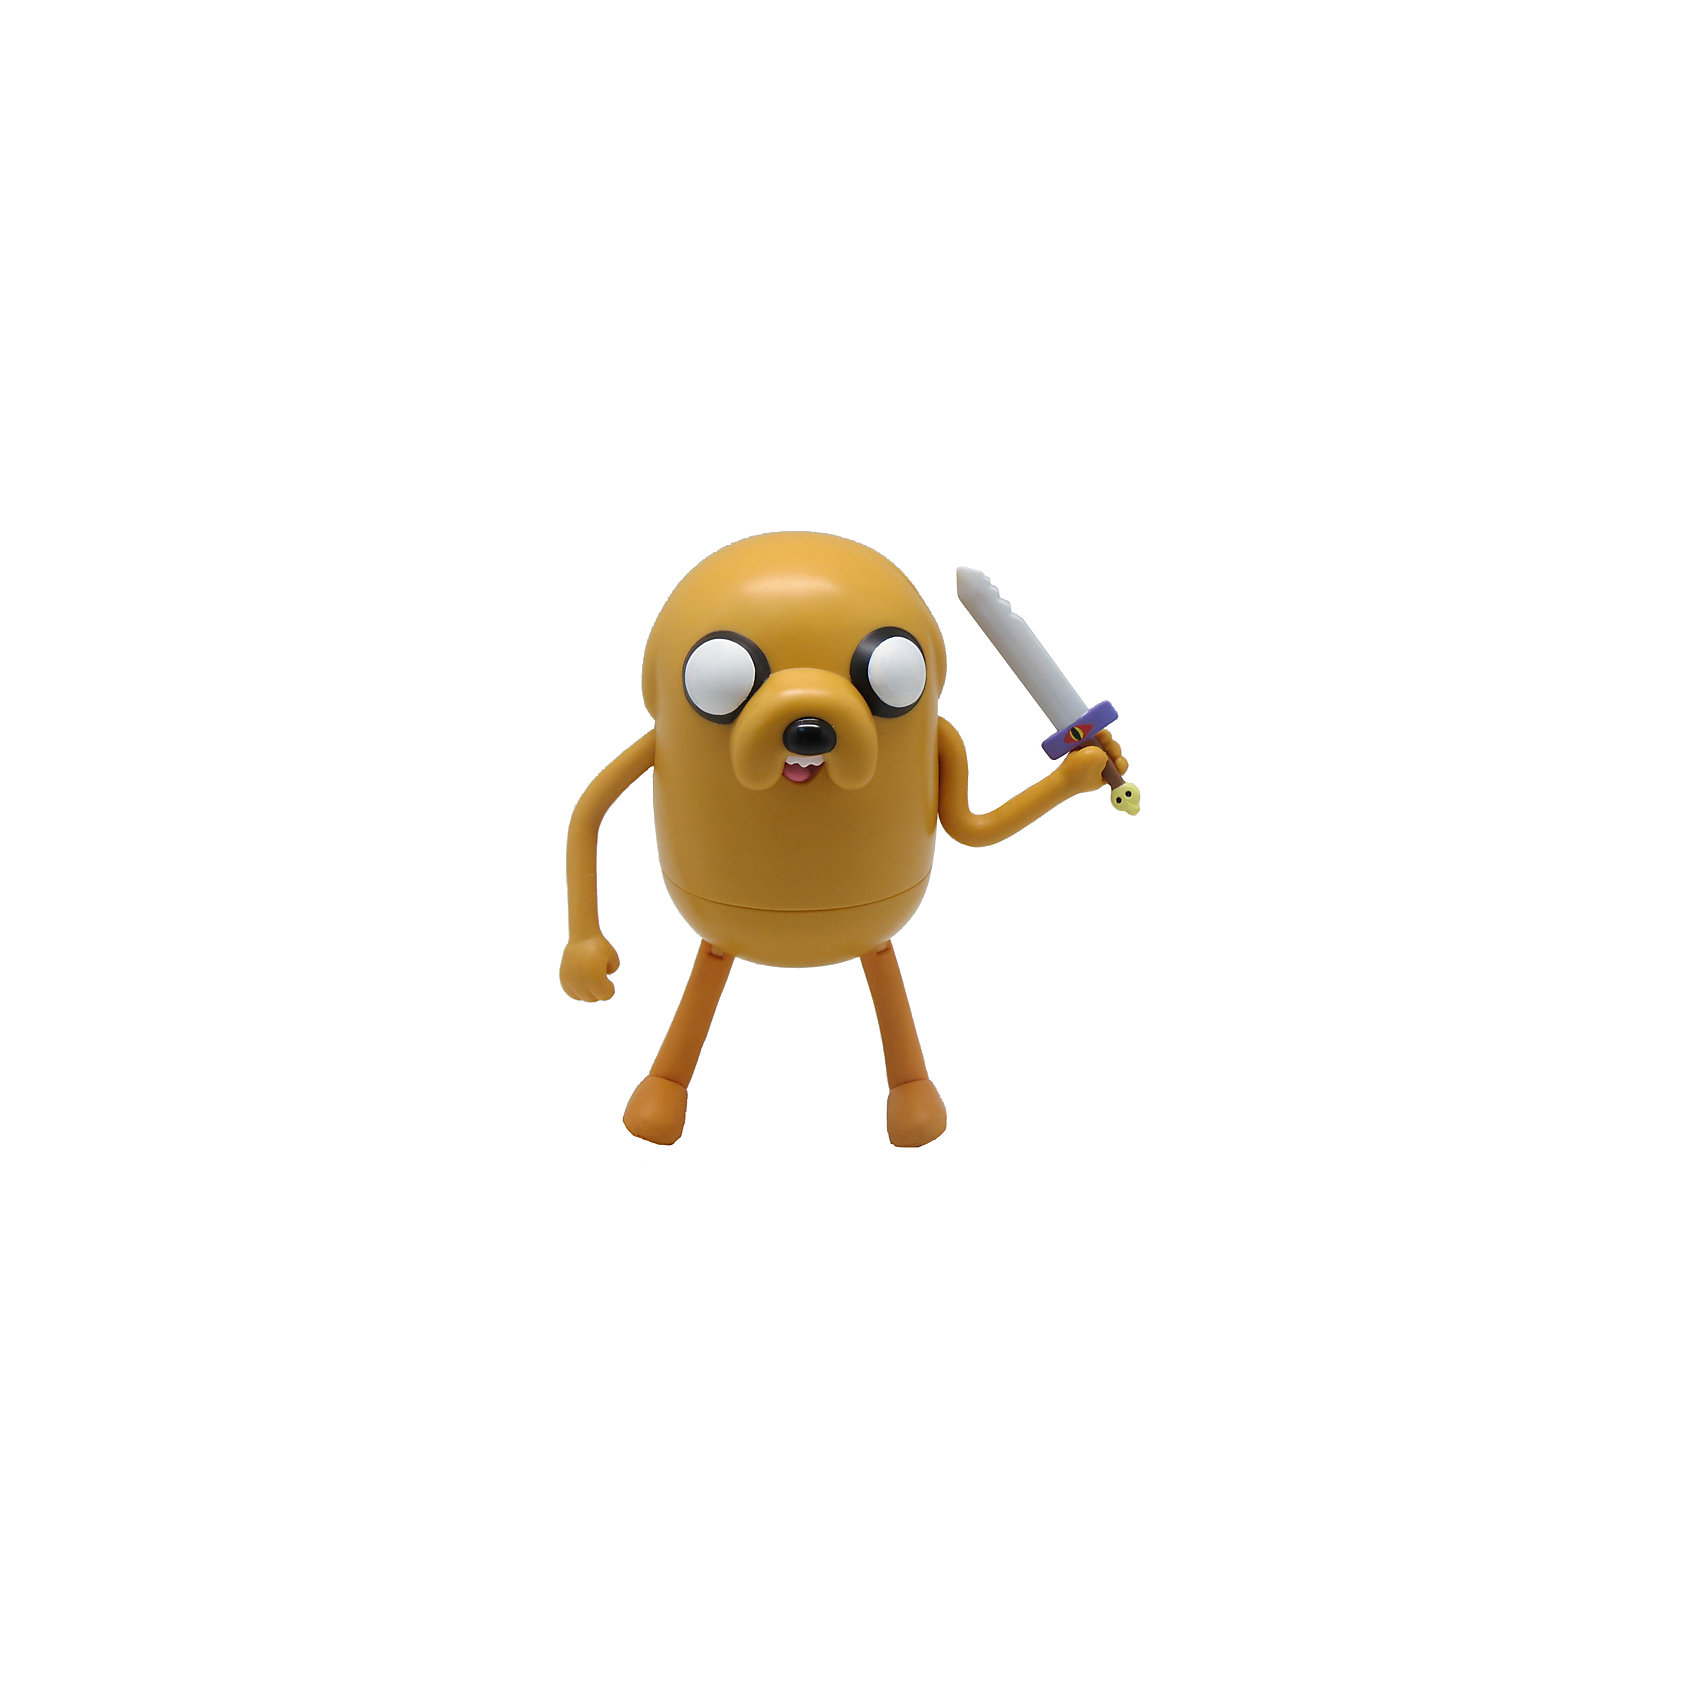 Фигурка Джейк, 14 см, Время приключенийЗабавная фигурка Джейка с мечом непременно понравится всем любителям мультсериала Время приключений (Adventure Time). Джейк - волшебный пёс, лучший друг Финна и его сводный брат. Он выглядит как жёлтый бульдог с большими глазами. Джейк умеет растягиваться и управлять своим телом, заставляя его принимать любую форму. <br><br>Дополнительная информация:<br><br>- Материал: пластик.<br>- Высота фигурки: 14 см. <br>- Подвижные руки и ноги.<br><br>Фигурку Джейка, 25 см, Время приключений, можно купить в нашем магазине.<br><br>Ширина мм: 50<br>Глубина мм: 150<br>Высота мм: 180<br>Вес г: 300<br>Возраст от месяцев: 72<br>Возраст до месяцев: 144<br>Пол: Унисекс<br>Возраст: Детский<br>SKU: 4130189